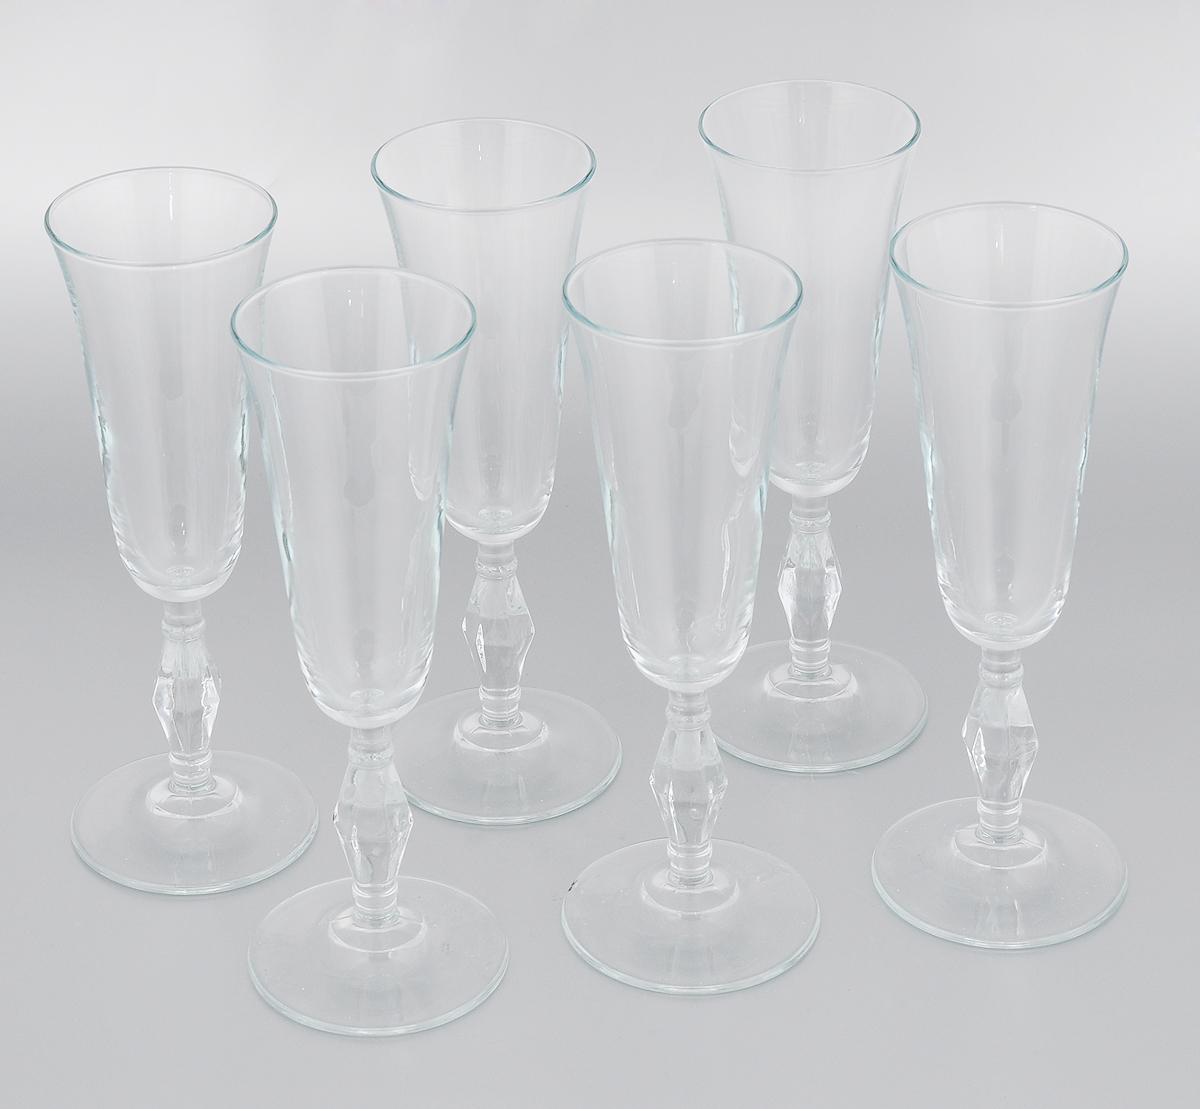 Набор бокалов Pasabahce Retro, 190 мл, 6 шт440075BНабор Pasabahce Retro состоит из шести бокалов, выполненных из прочного натрий-кальций- силикатного стекла. Бокалы предназначены для подачи вина или других напитков. Они сочетают в себе элегантный дизайн и функциональность. Набор бокалов Pasabahce Retro прекрасно оформит праздничный стол и создаст приятную атмосферу за романтическим ужином. Такой набор также станет хорошим подарком к любому случаю. Можно мыть в посудомоечной машине. Диаметр бокала (по верхнему краю): 6,5 см. Высота бокала: 21,5 см.